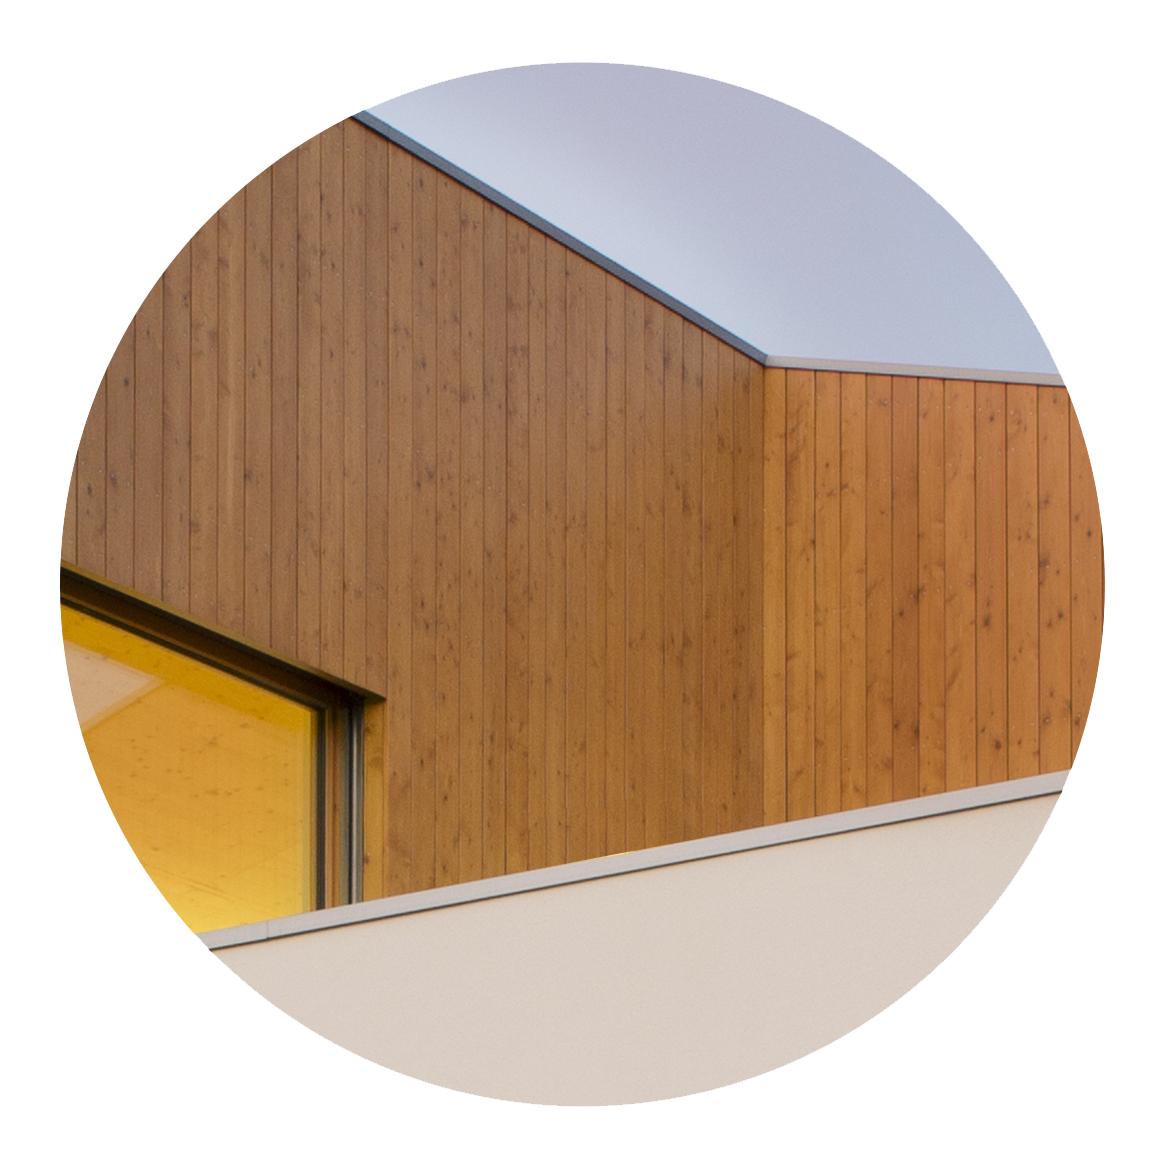 EL CONCEPTE - L'estàndard Passivhausalemany de construcció que garanteix veritablement l'eficiència energètica i un nivell de confort elevat a un preu assequible. No es tracta d'una marca comercial sinó d'un concepte constructiu provat aplicable per a tothom i a qualsevol lloc.